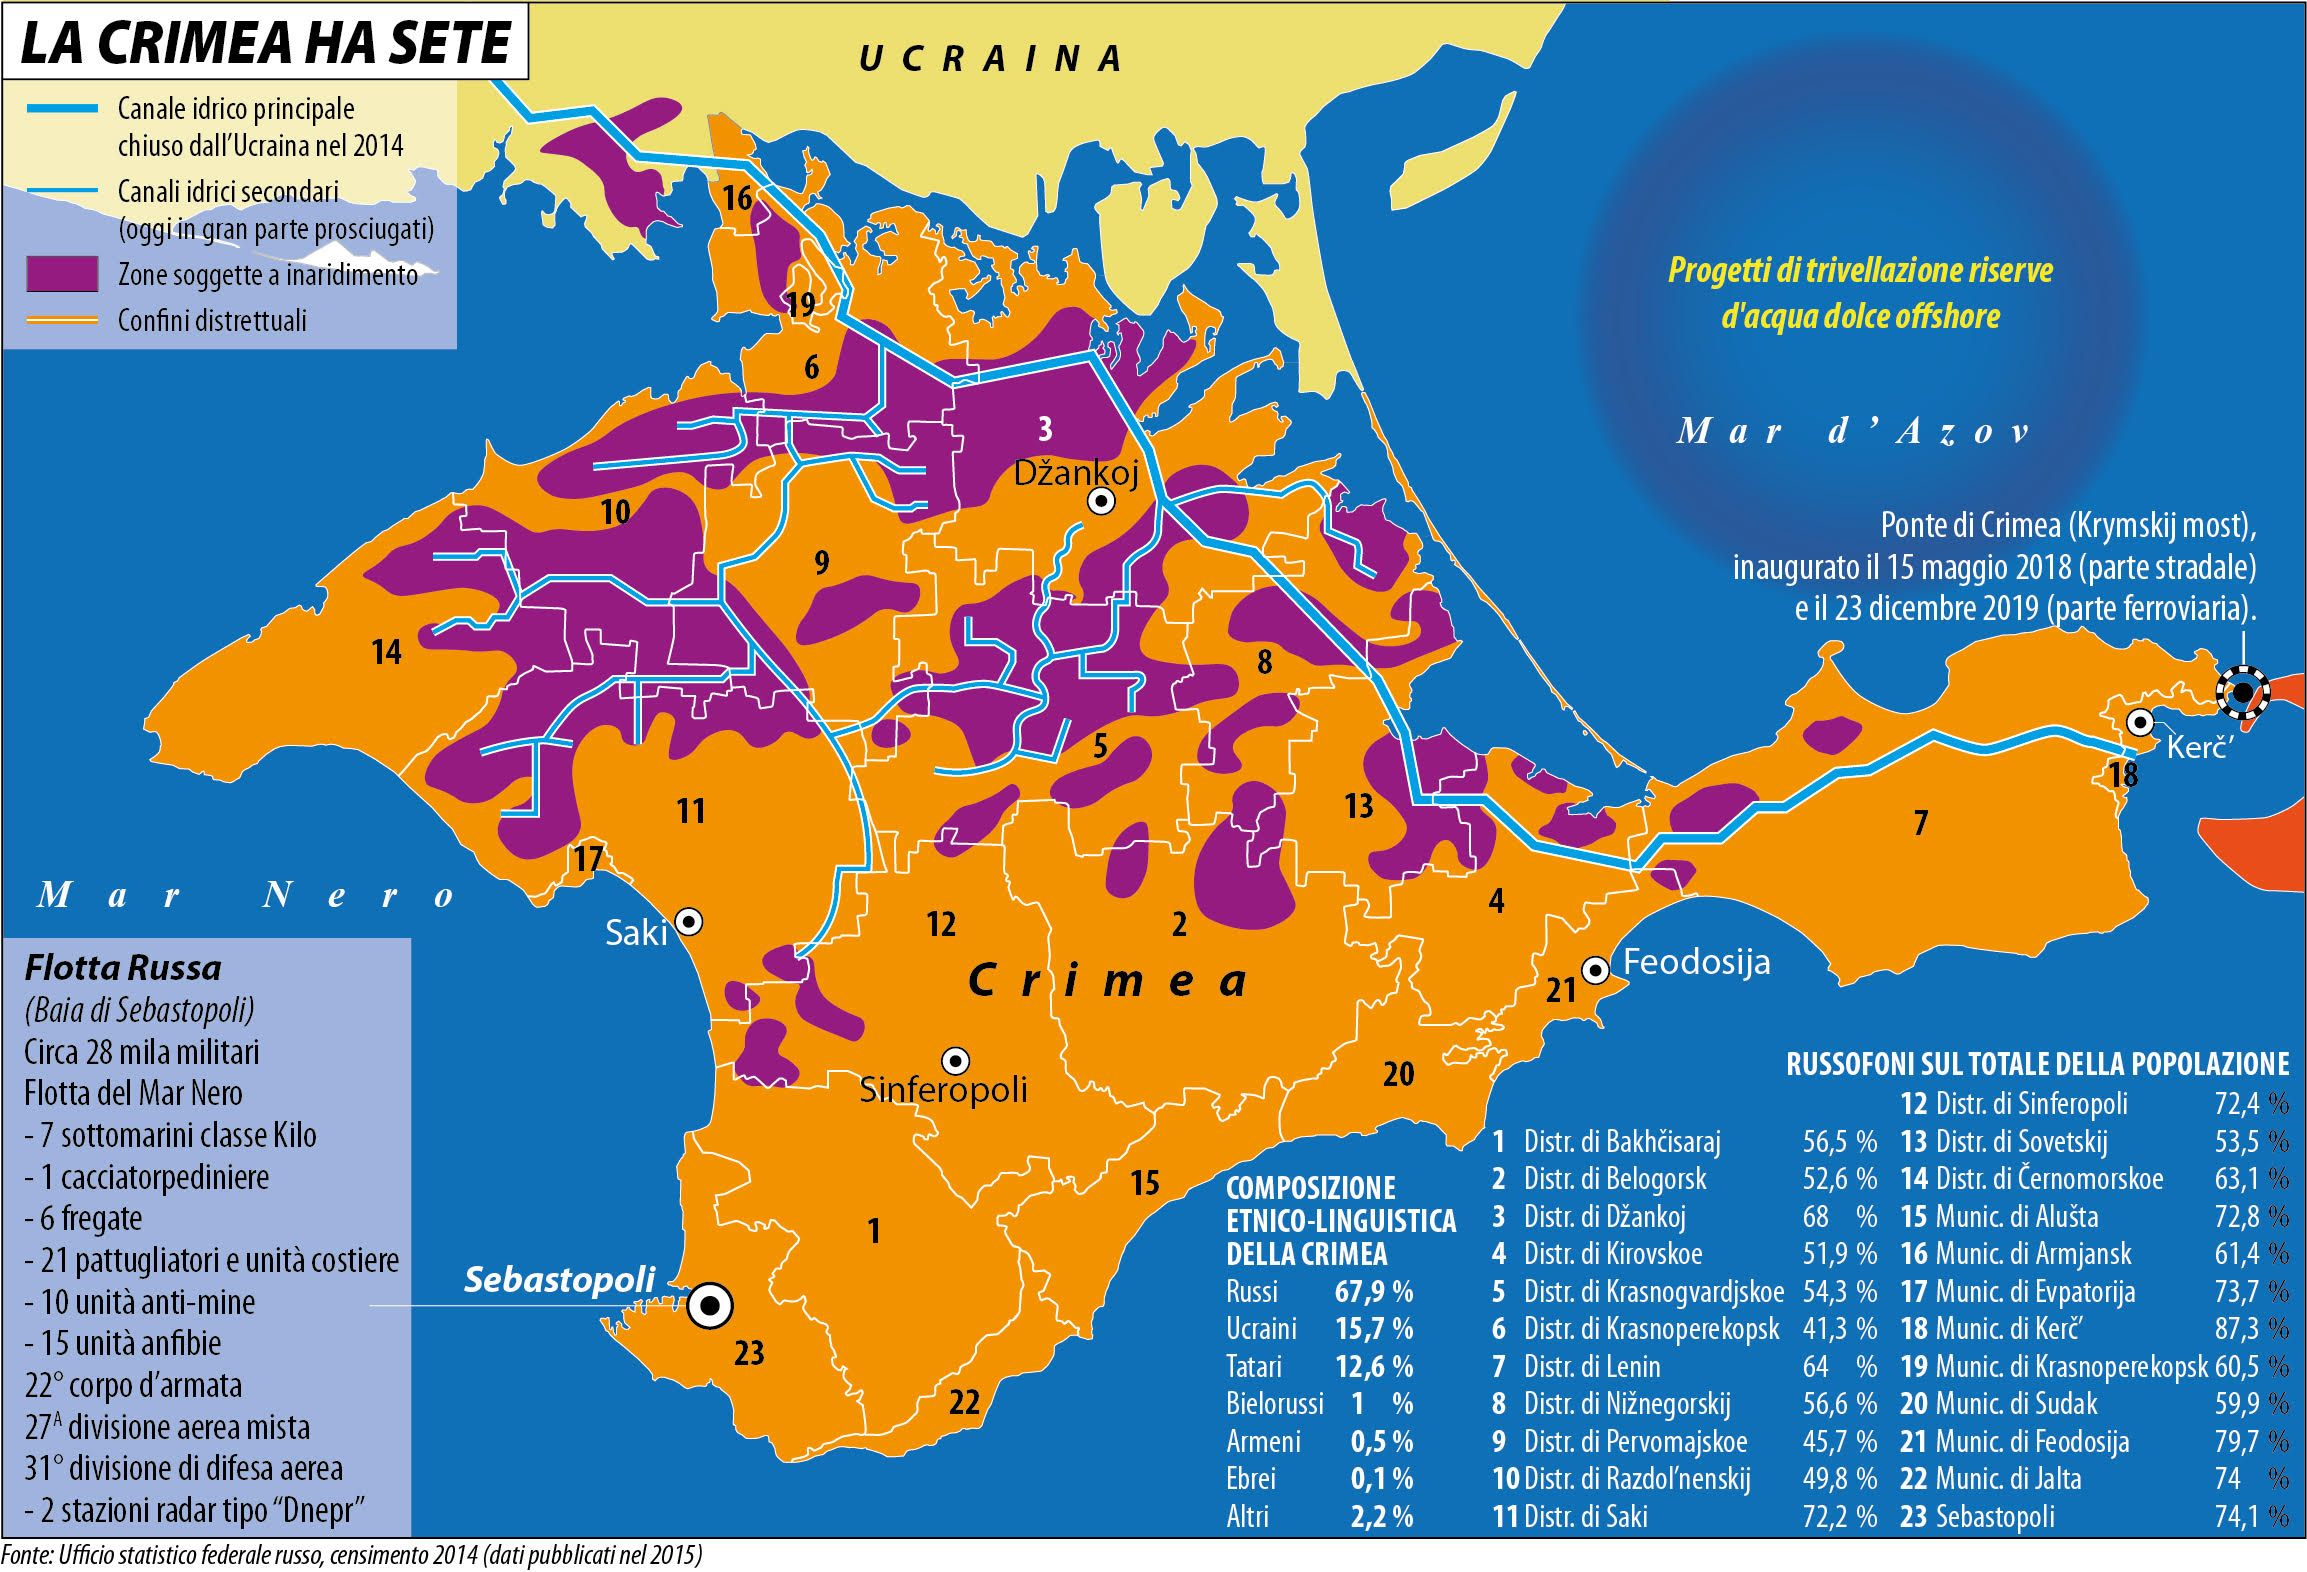 La_Crimea_ha_sete